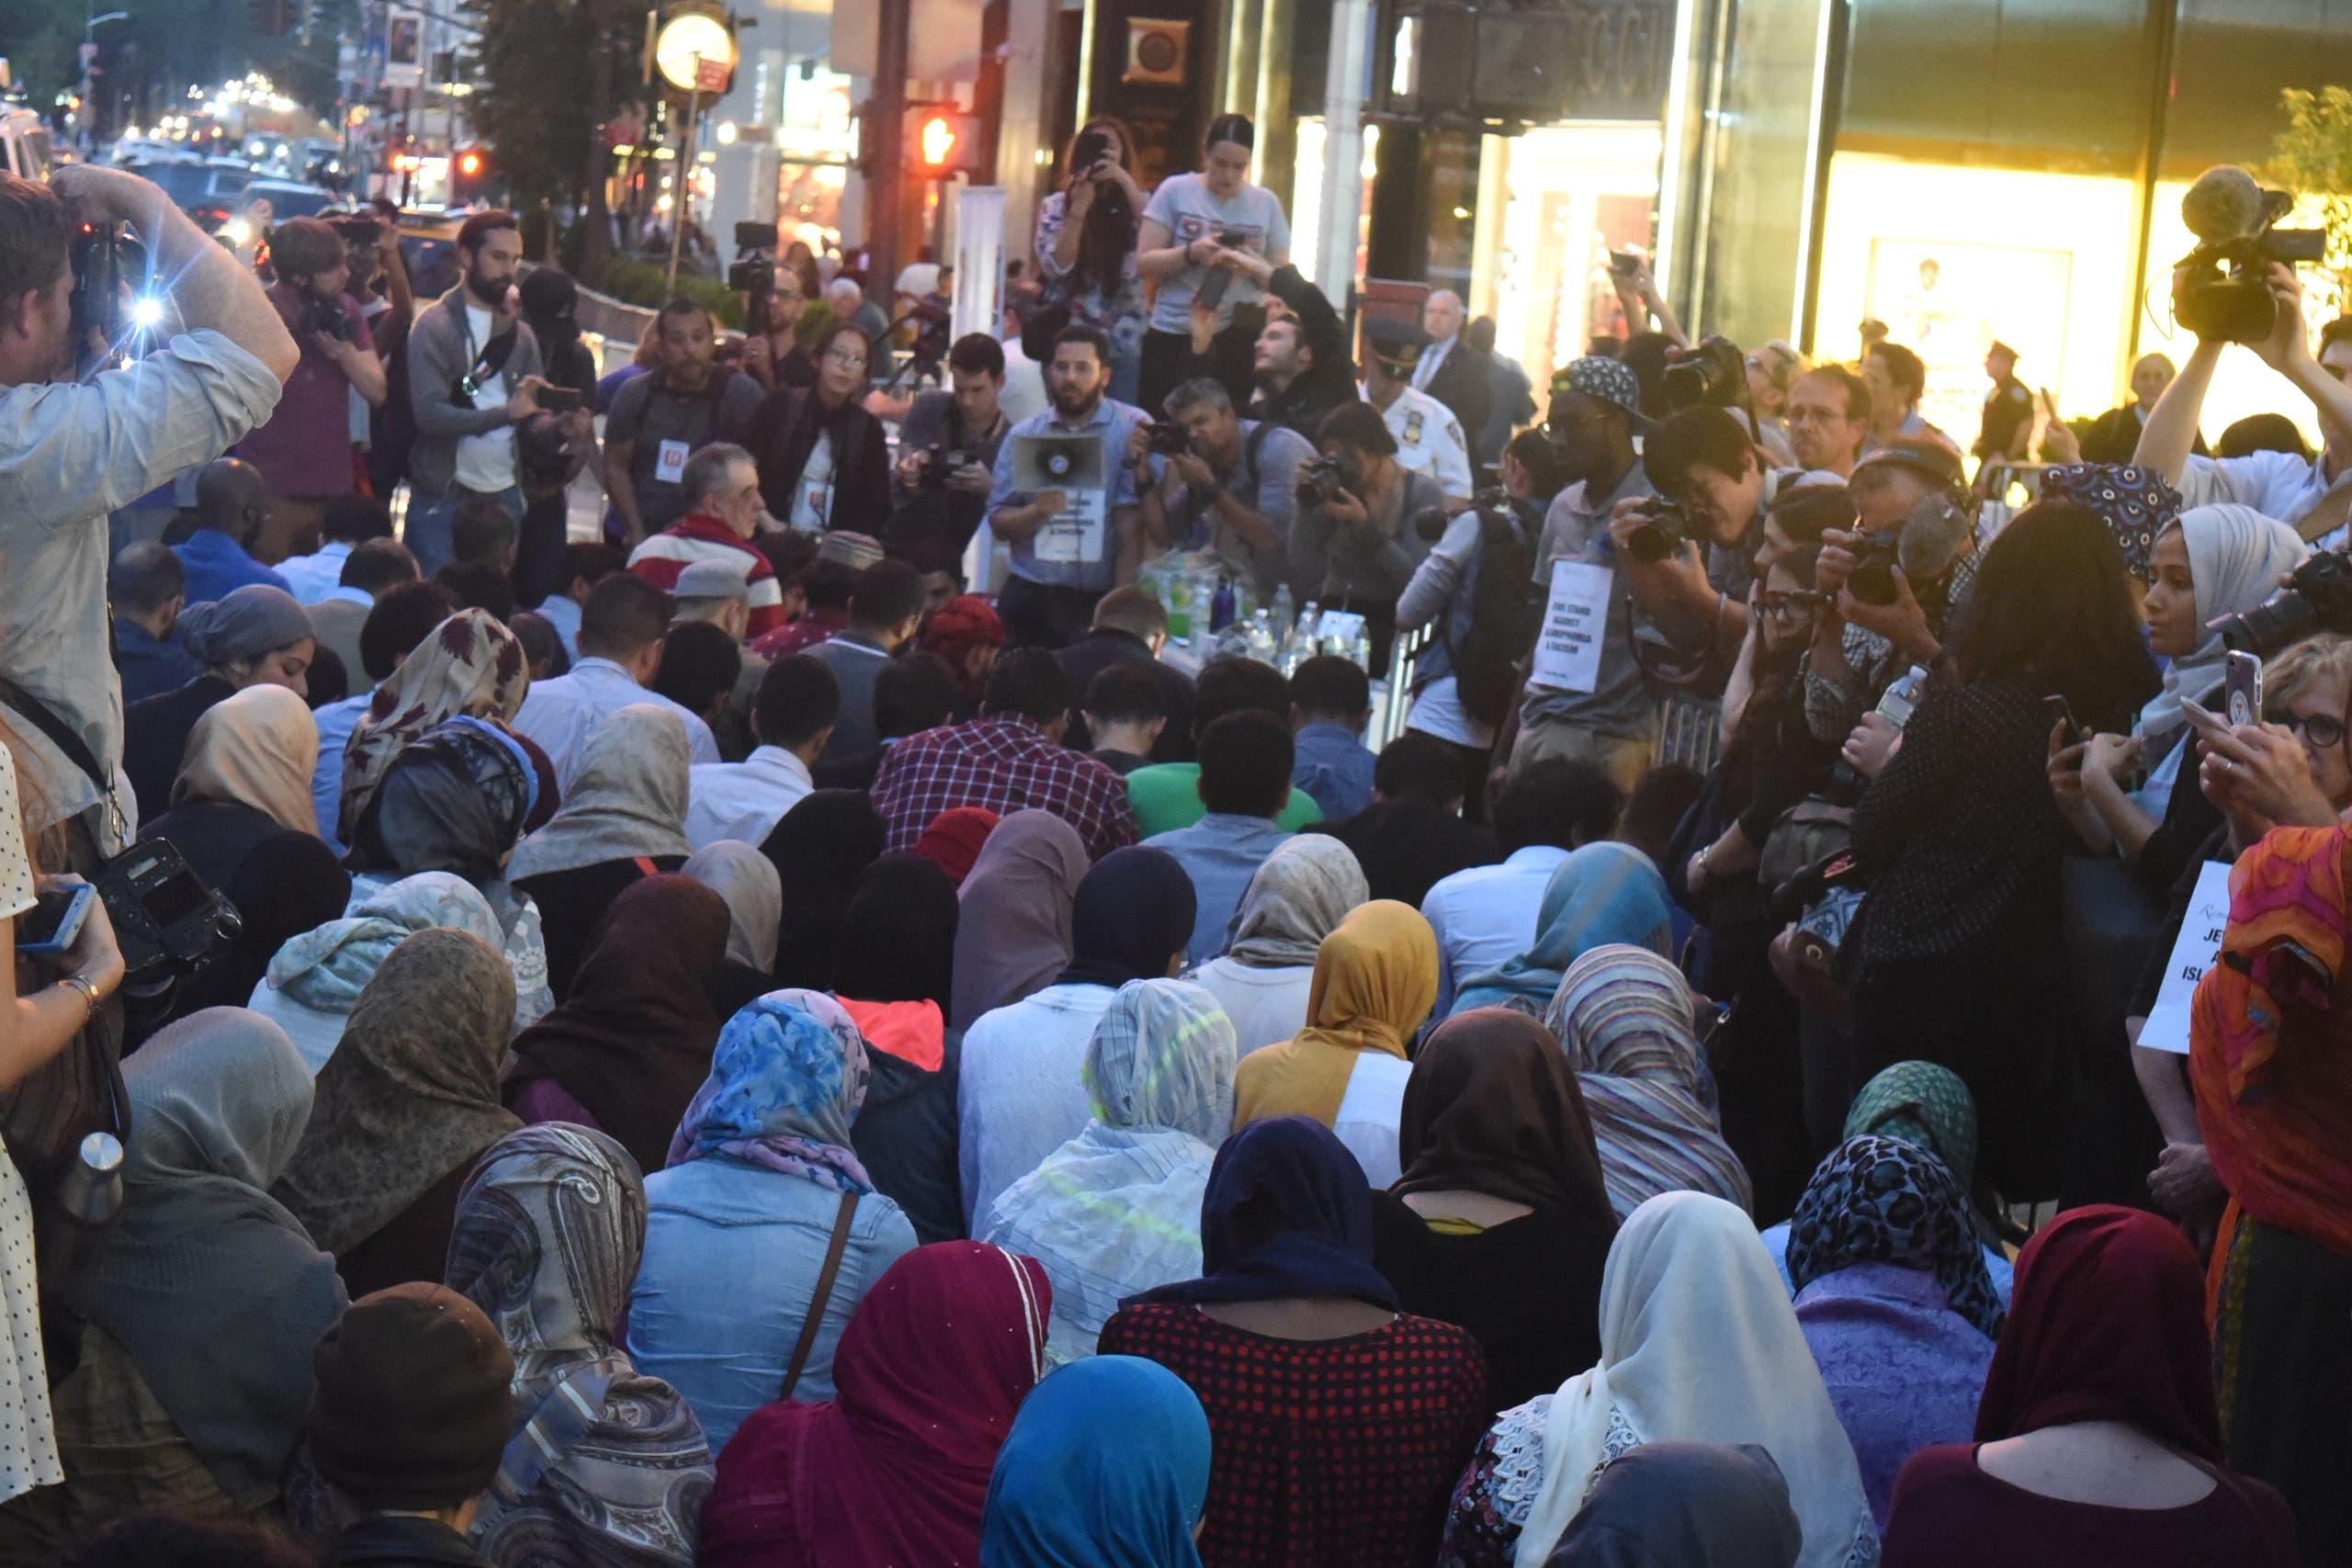 Prayer1: The public iftar prayer begins at sundown.